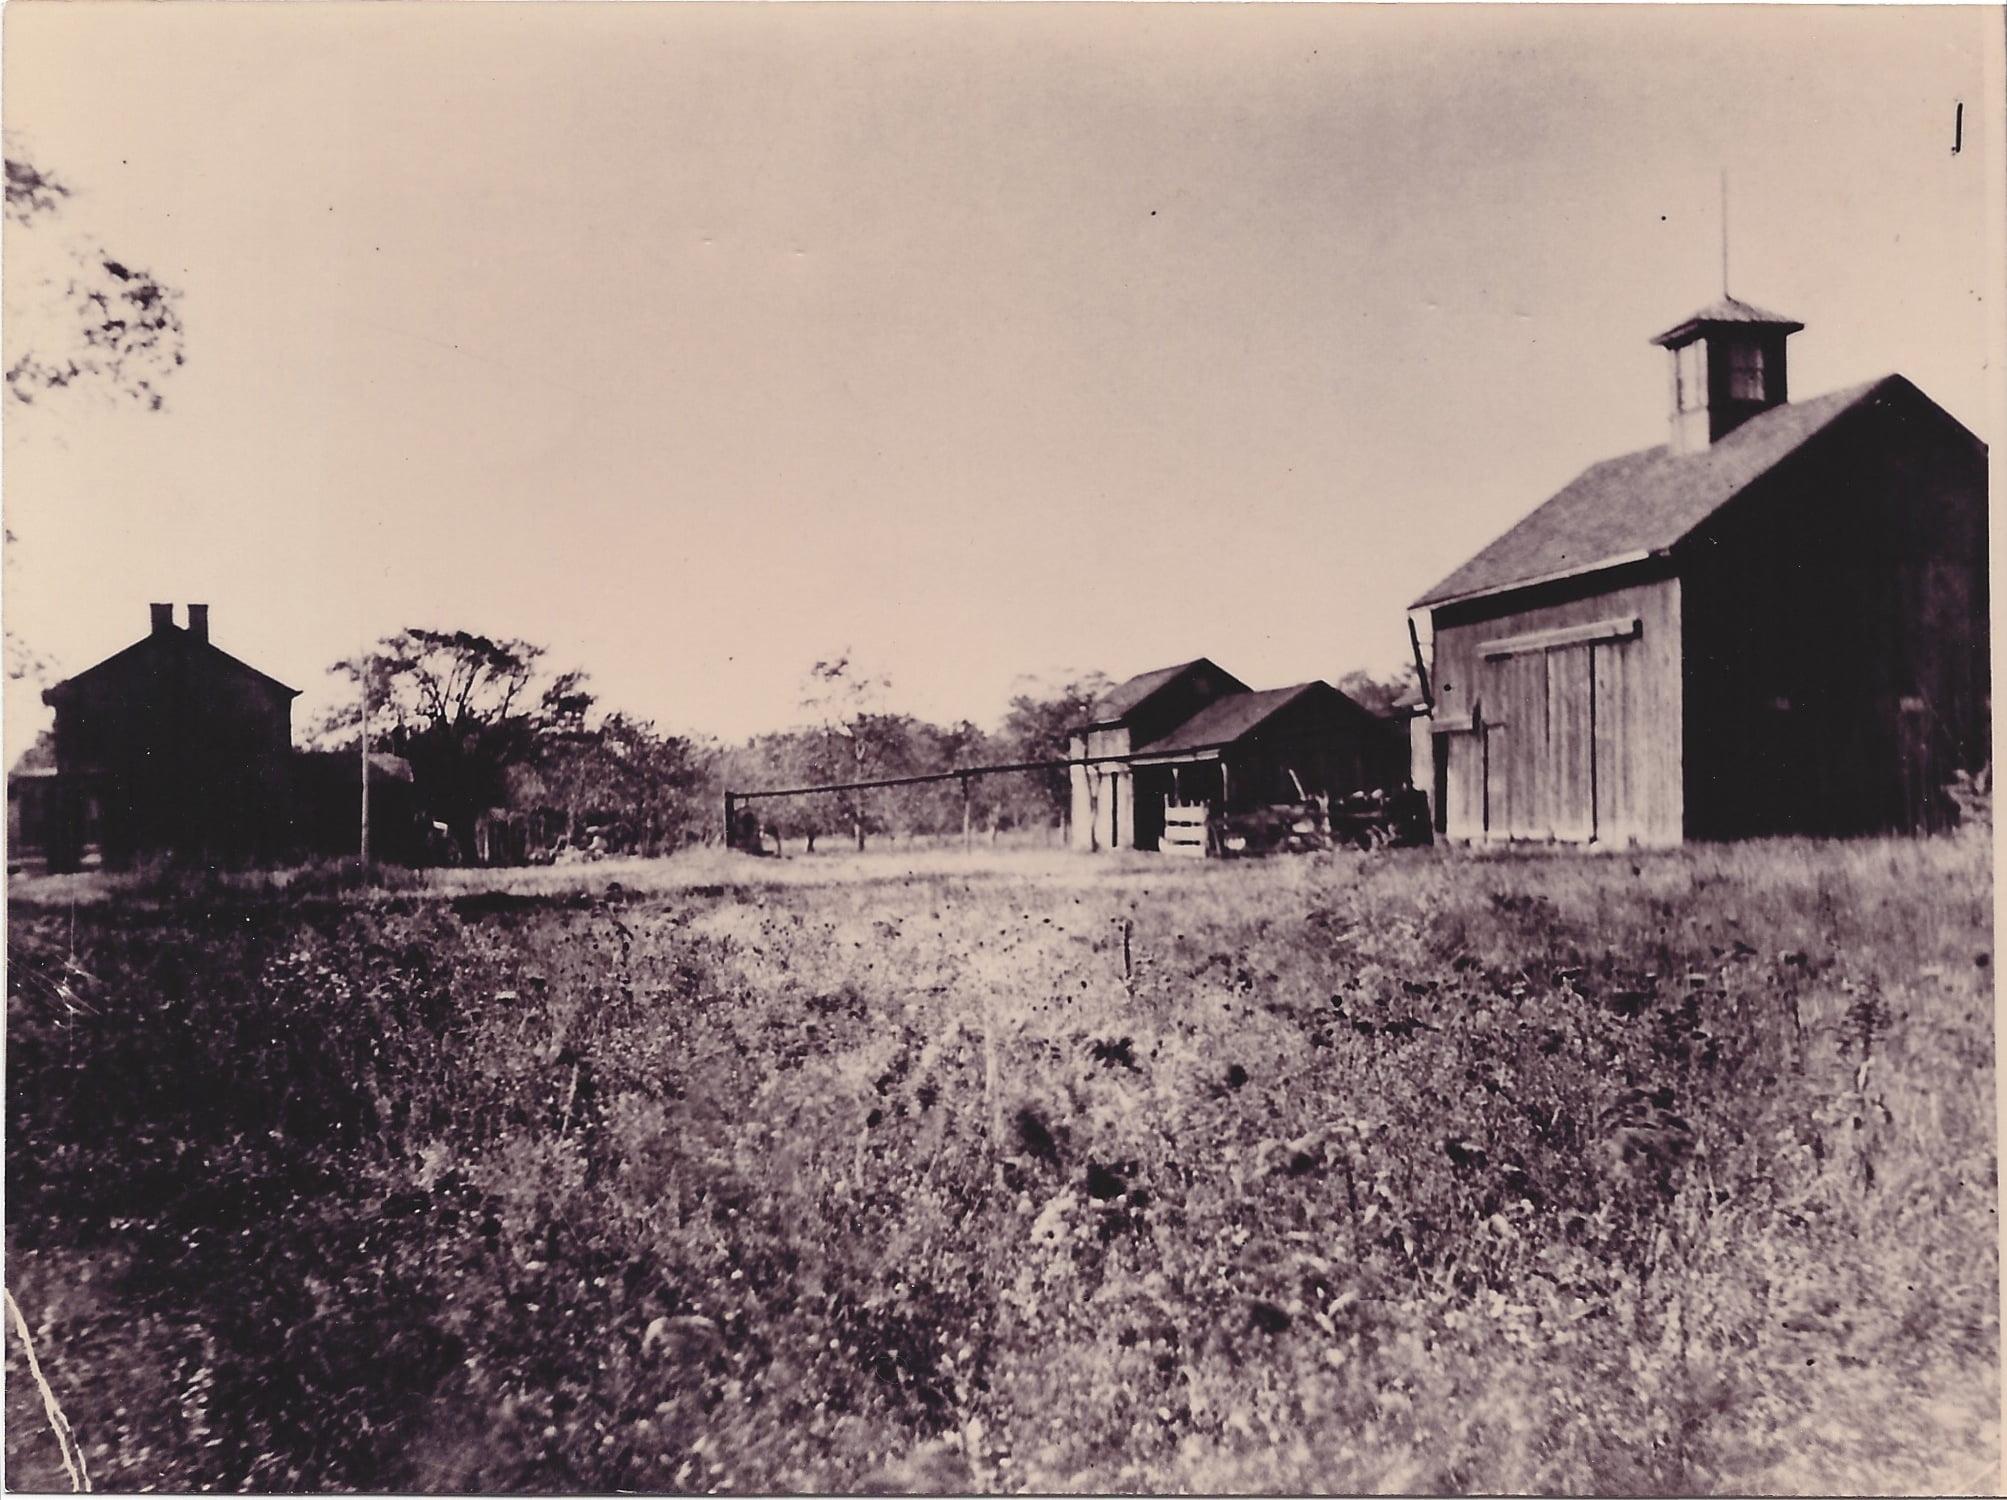 23.Woodbury Farm